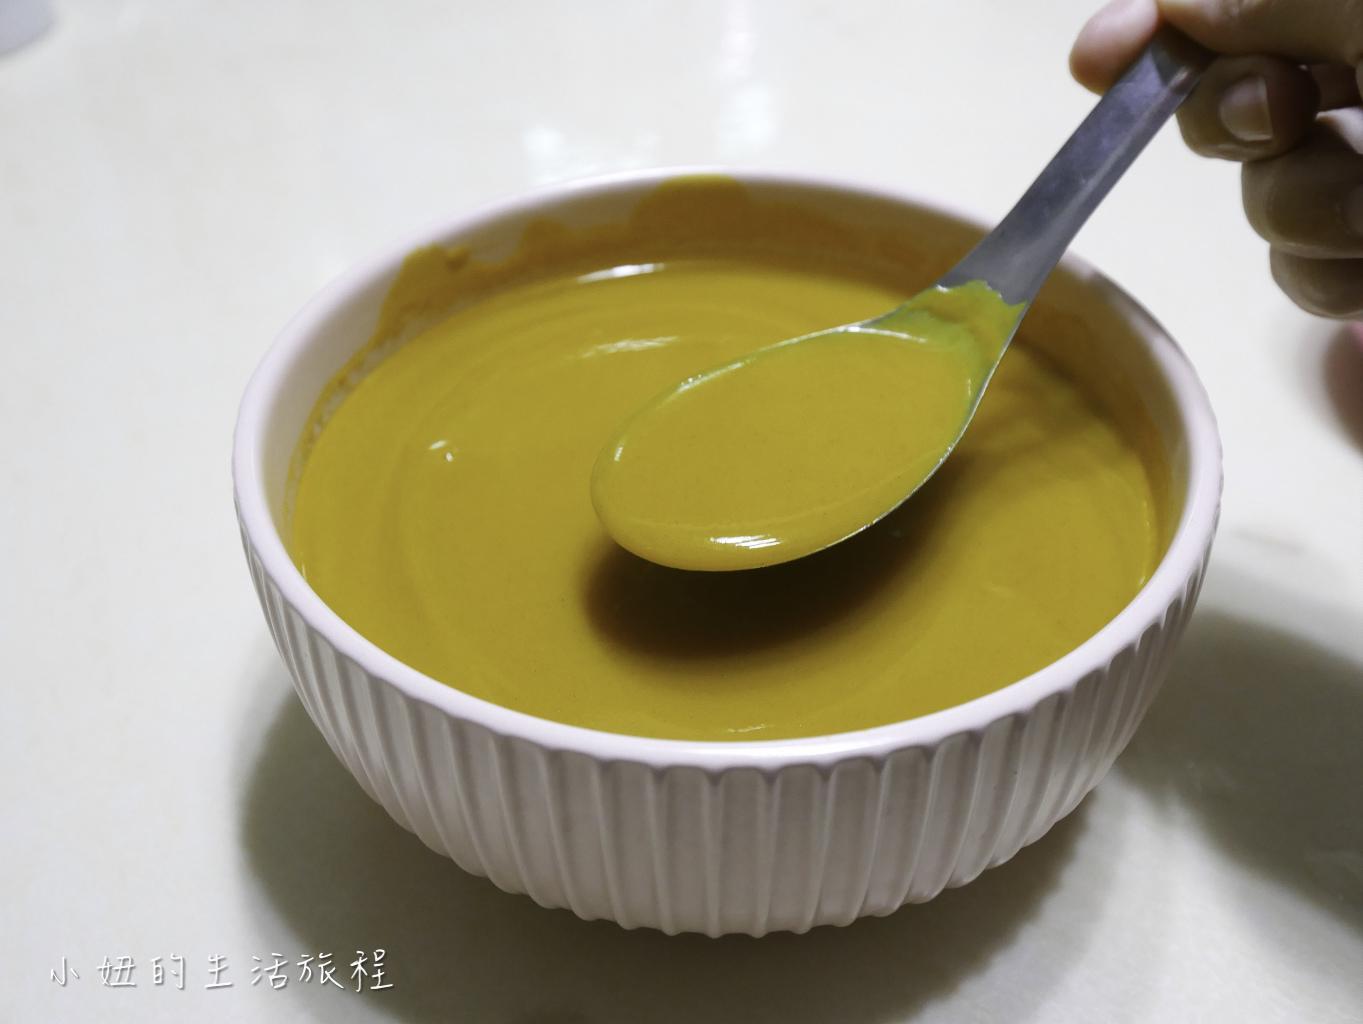 Tefal法國特福高速熱能營養調理機-47.jpg